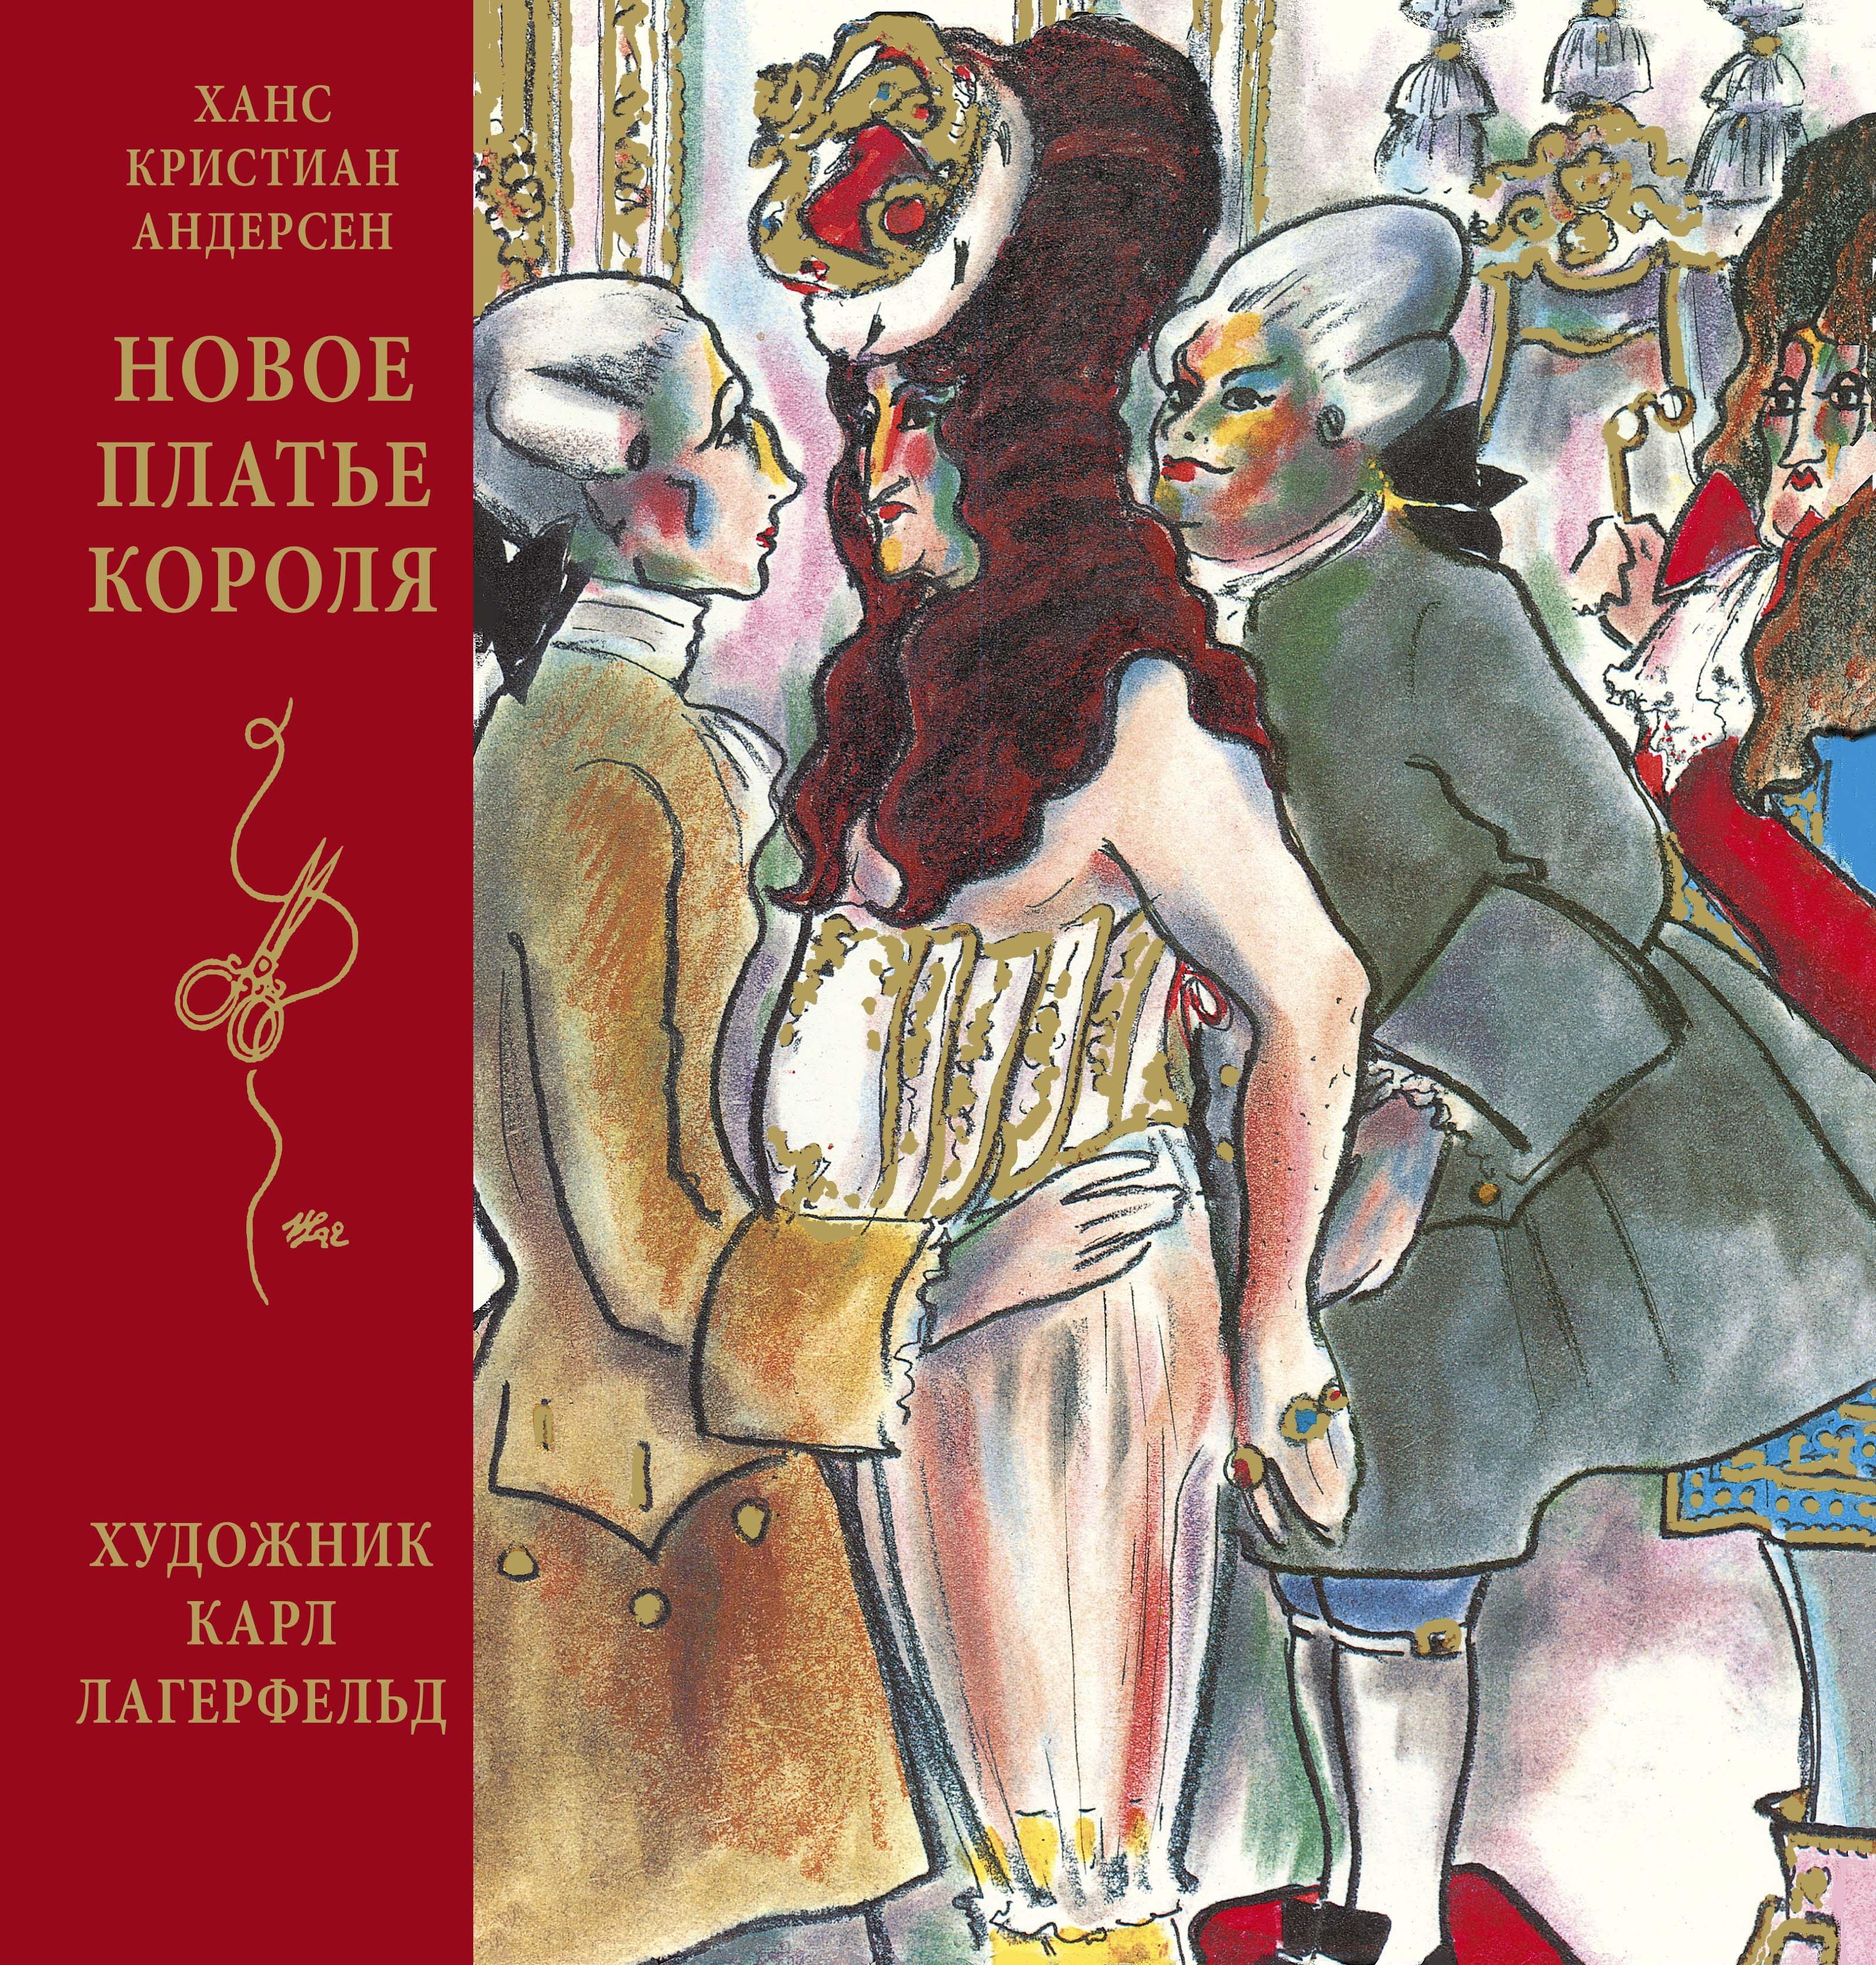 новое платье короля купить книгу